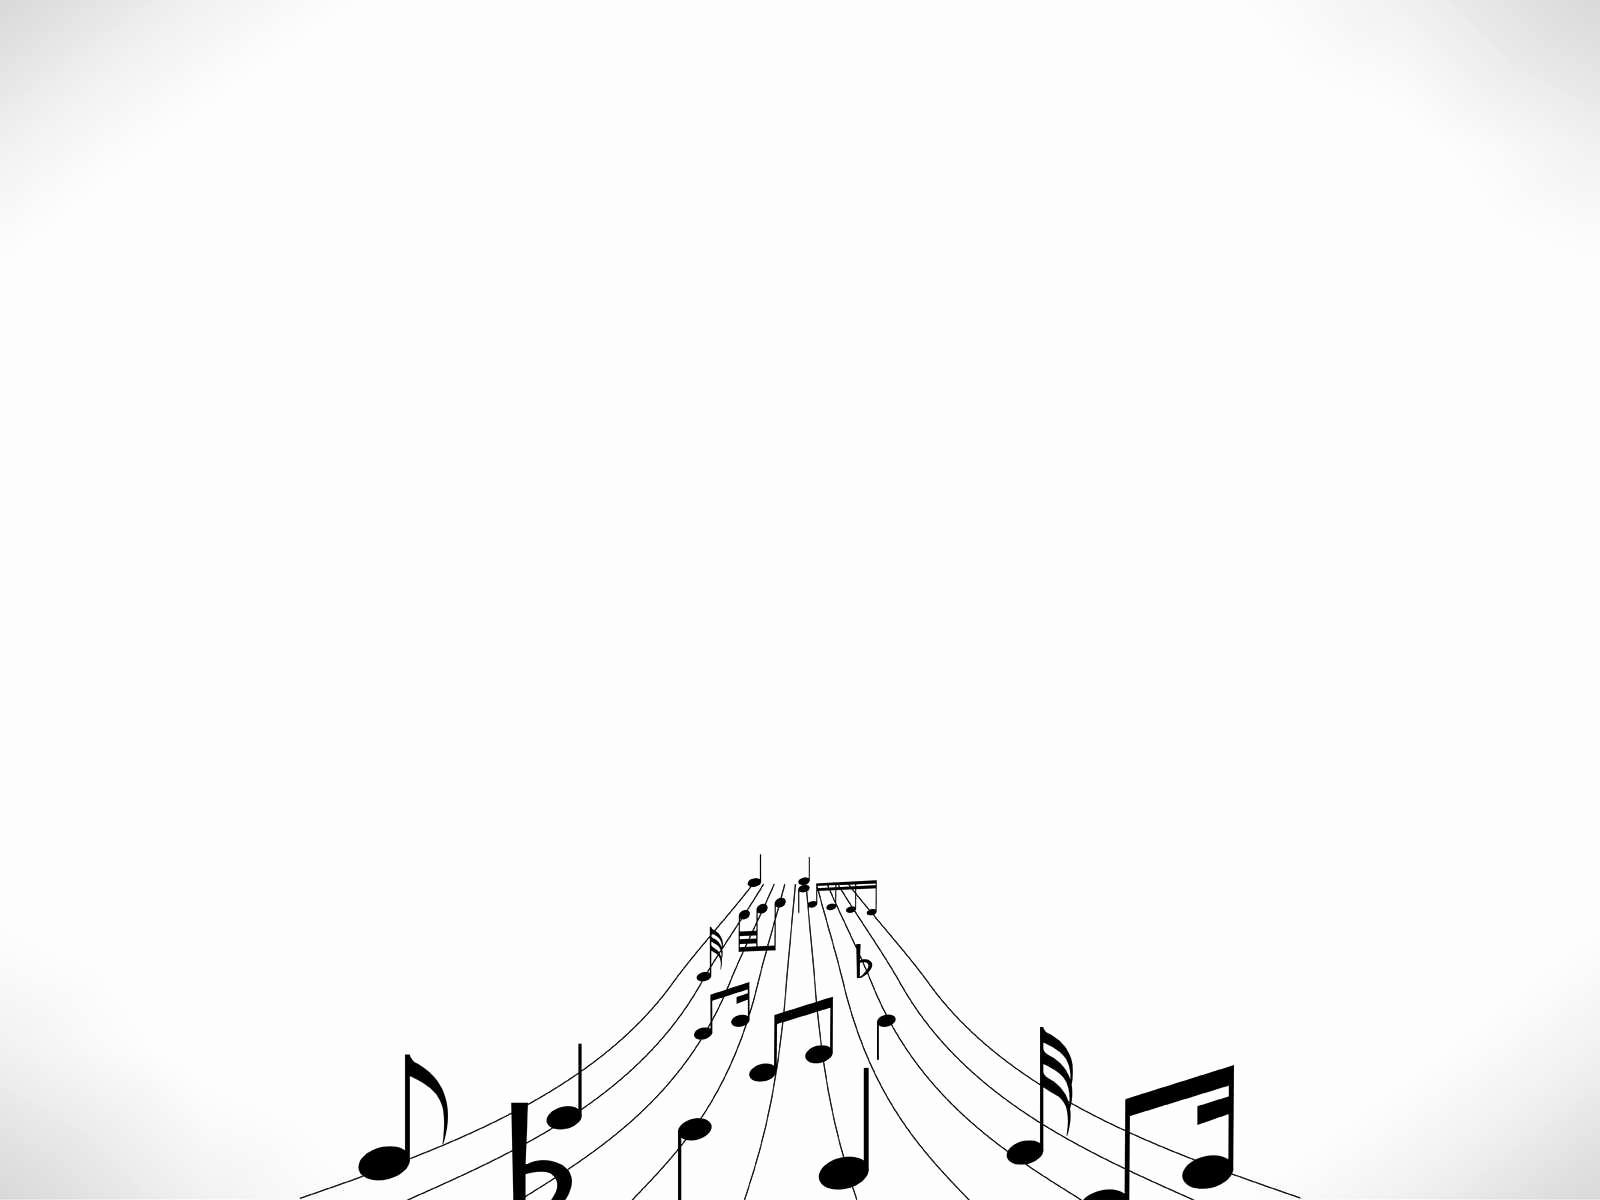 Hình nền PowerPoint đơn giản cùng những nốt nhạc